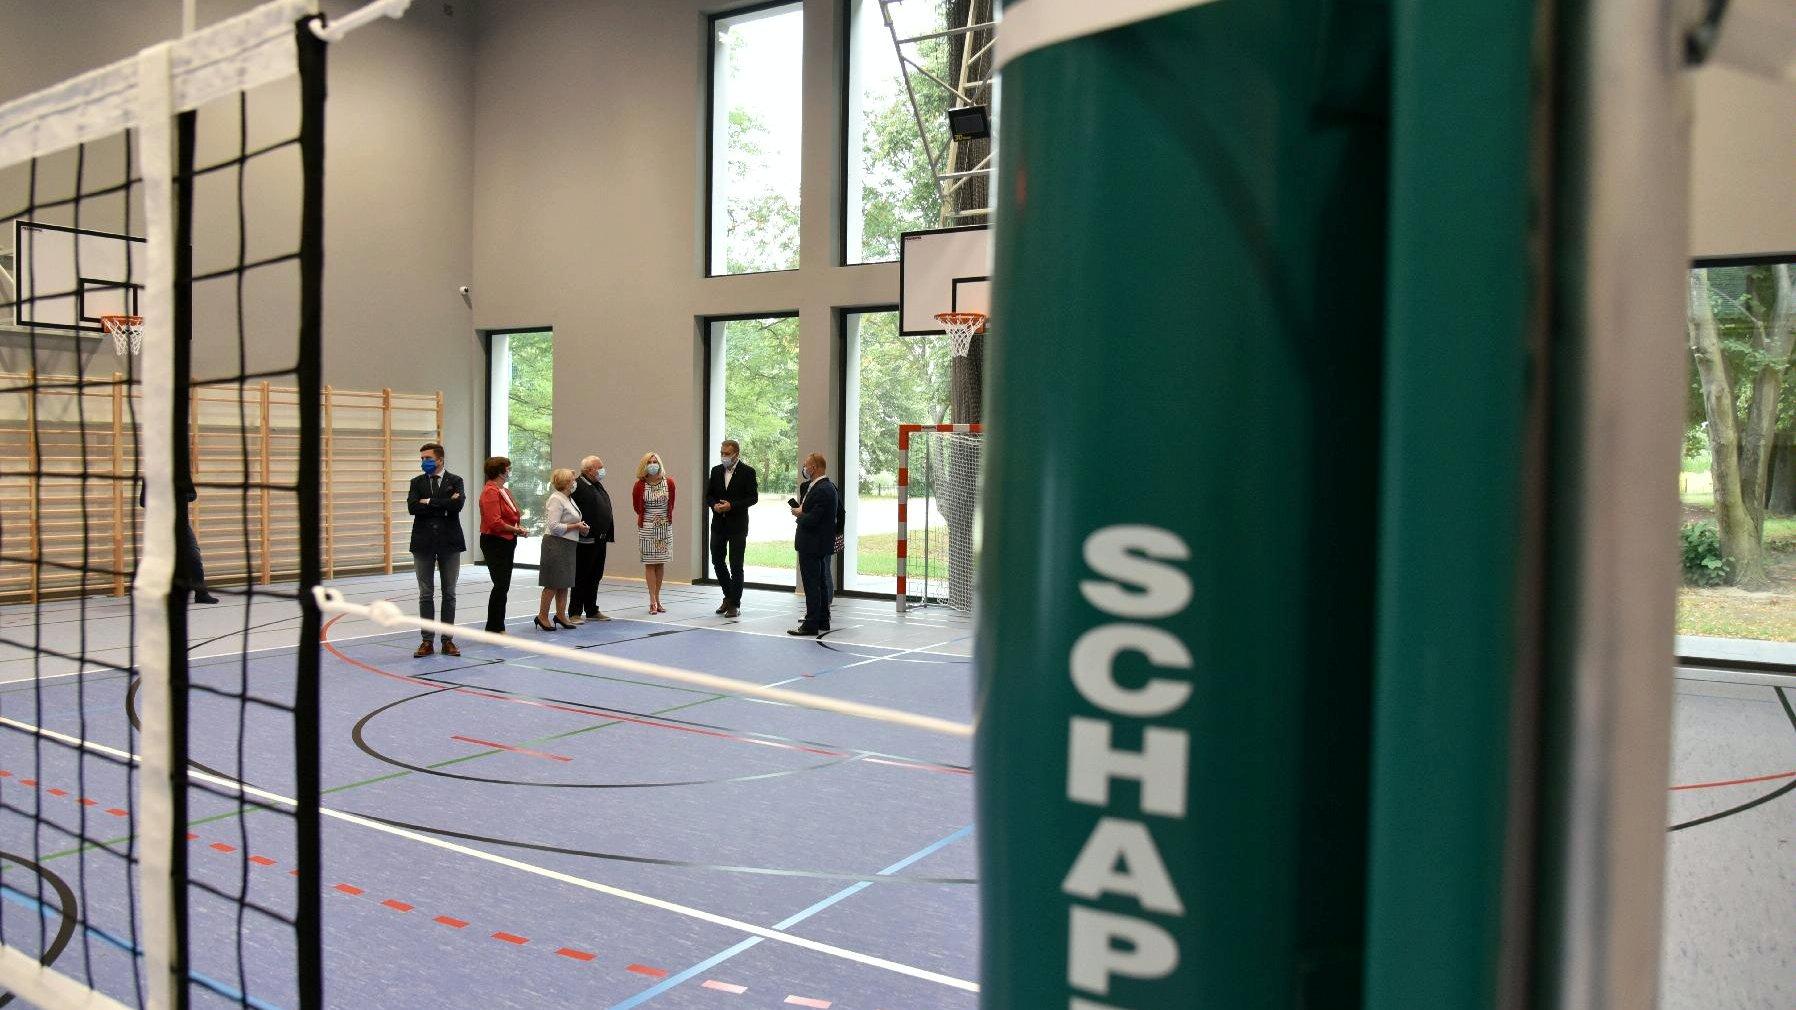 Nowa sala gimnastyczna na Głuszynie czeka na pierwszych użytkowników. - grafika artykułu